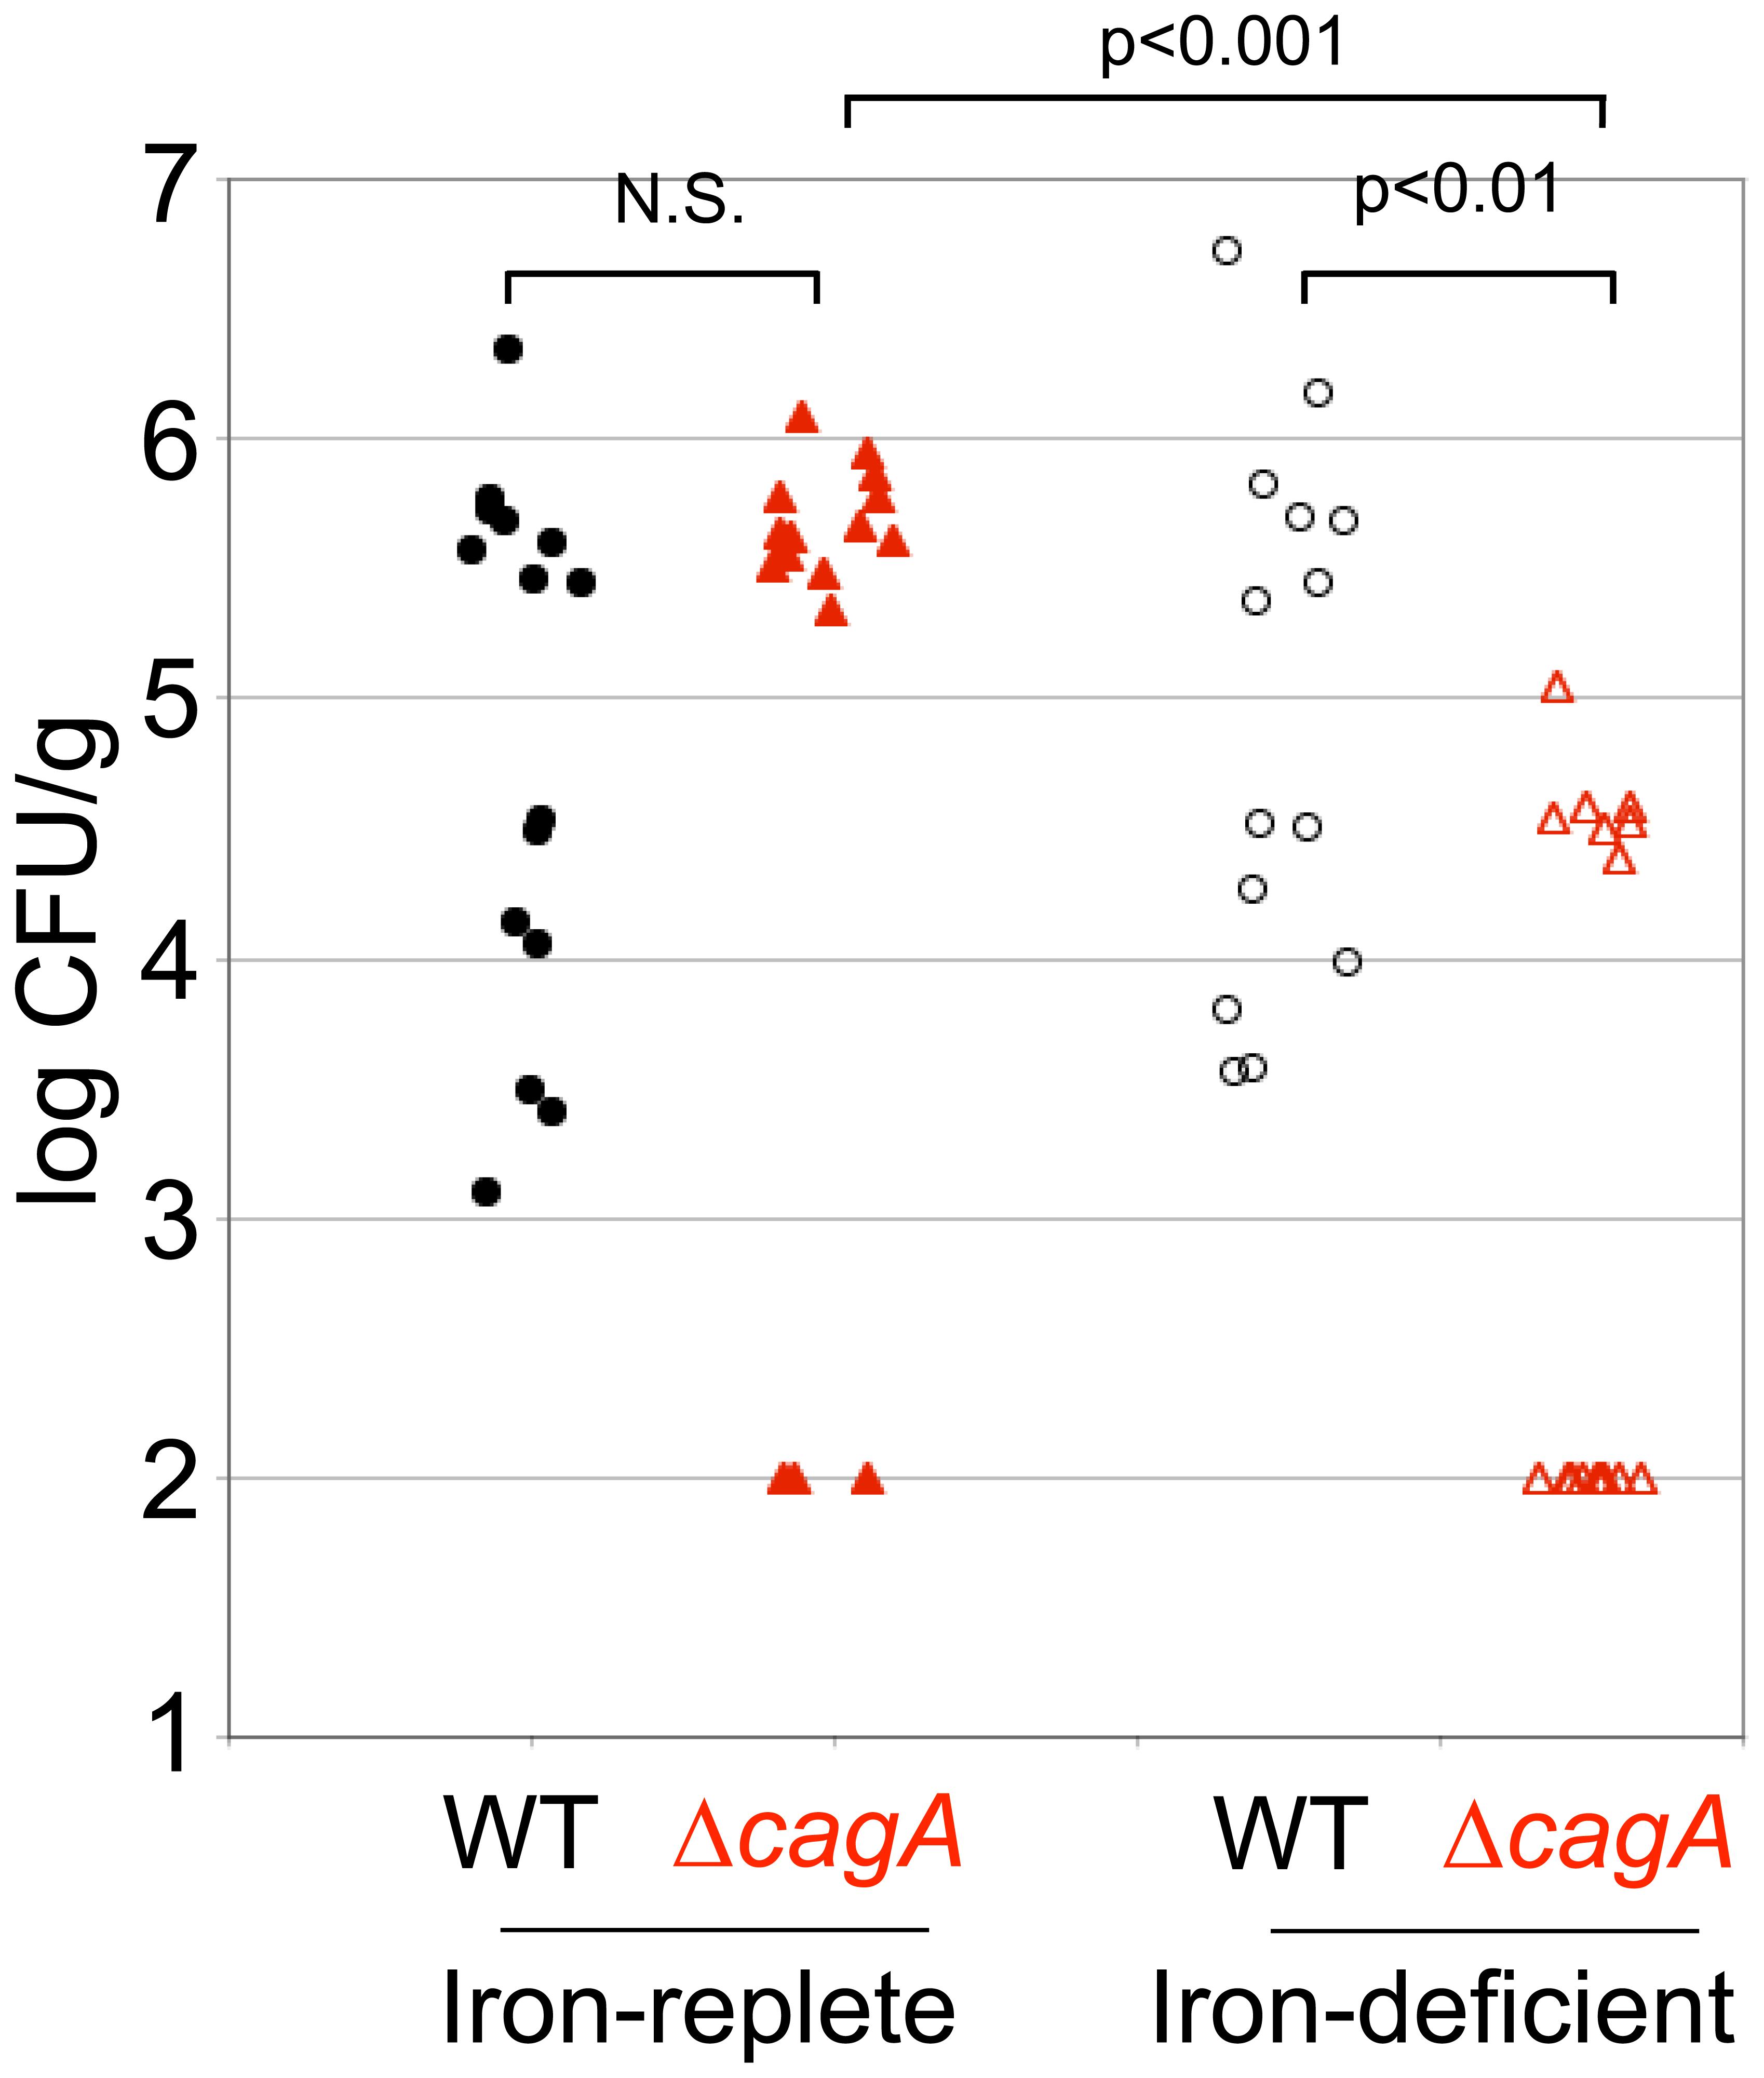 Host iron depletion decreases Δ<i>cagA</i> fitness <i>in vivo</i>.